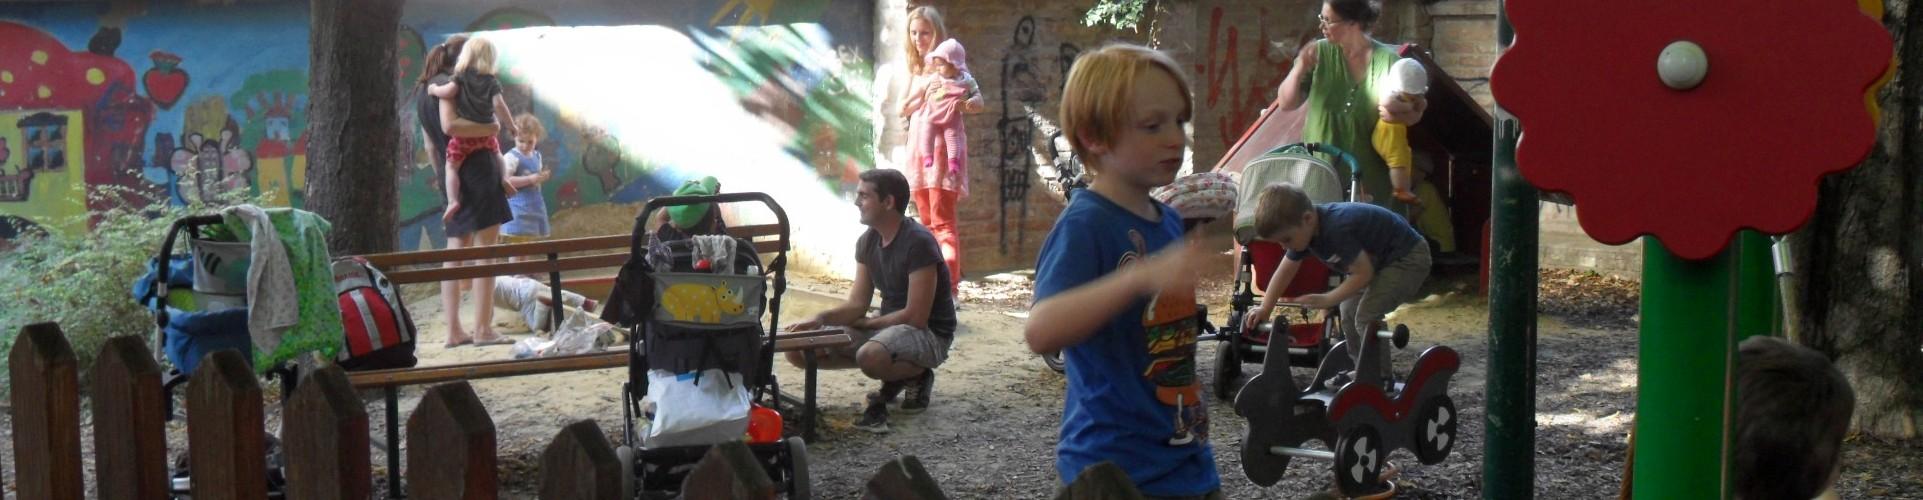 Kutschkermarkt: Kinderspielplatz